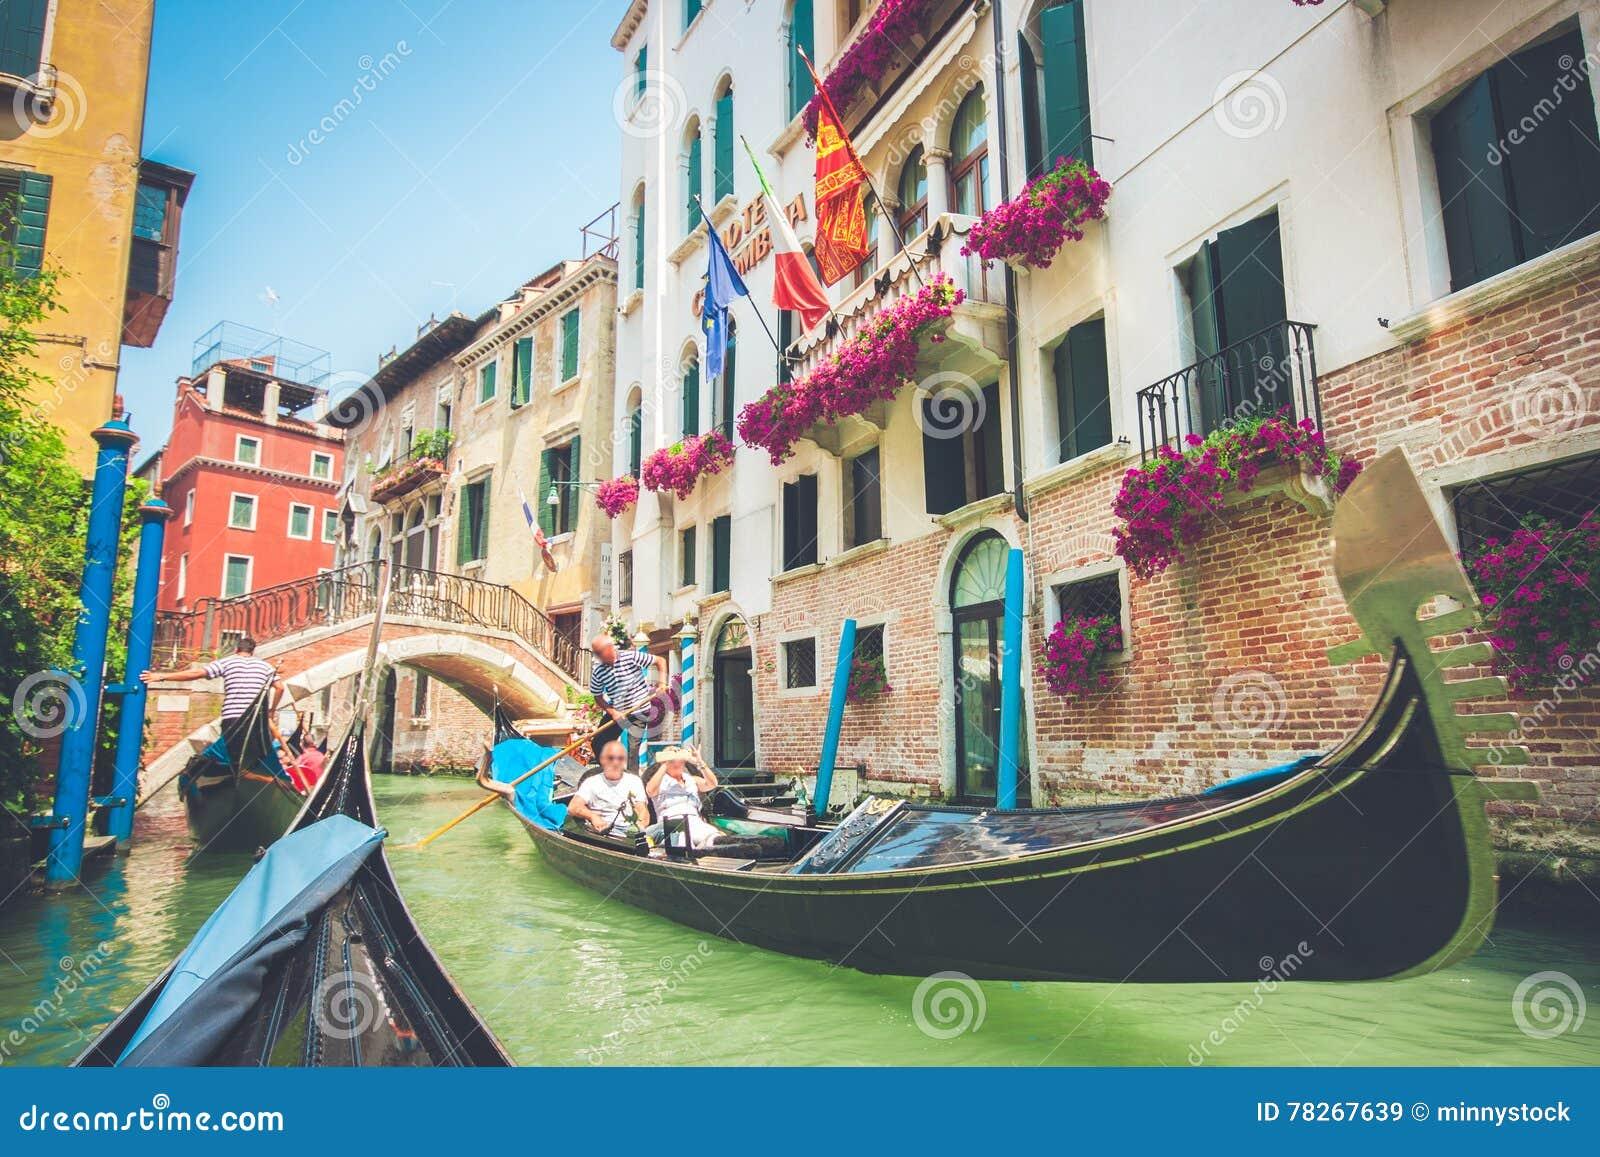 Gôndola no canal em Veneza, Itália com efeito retro do filtro do vintage